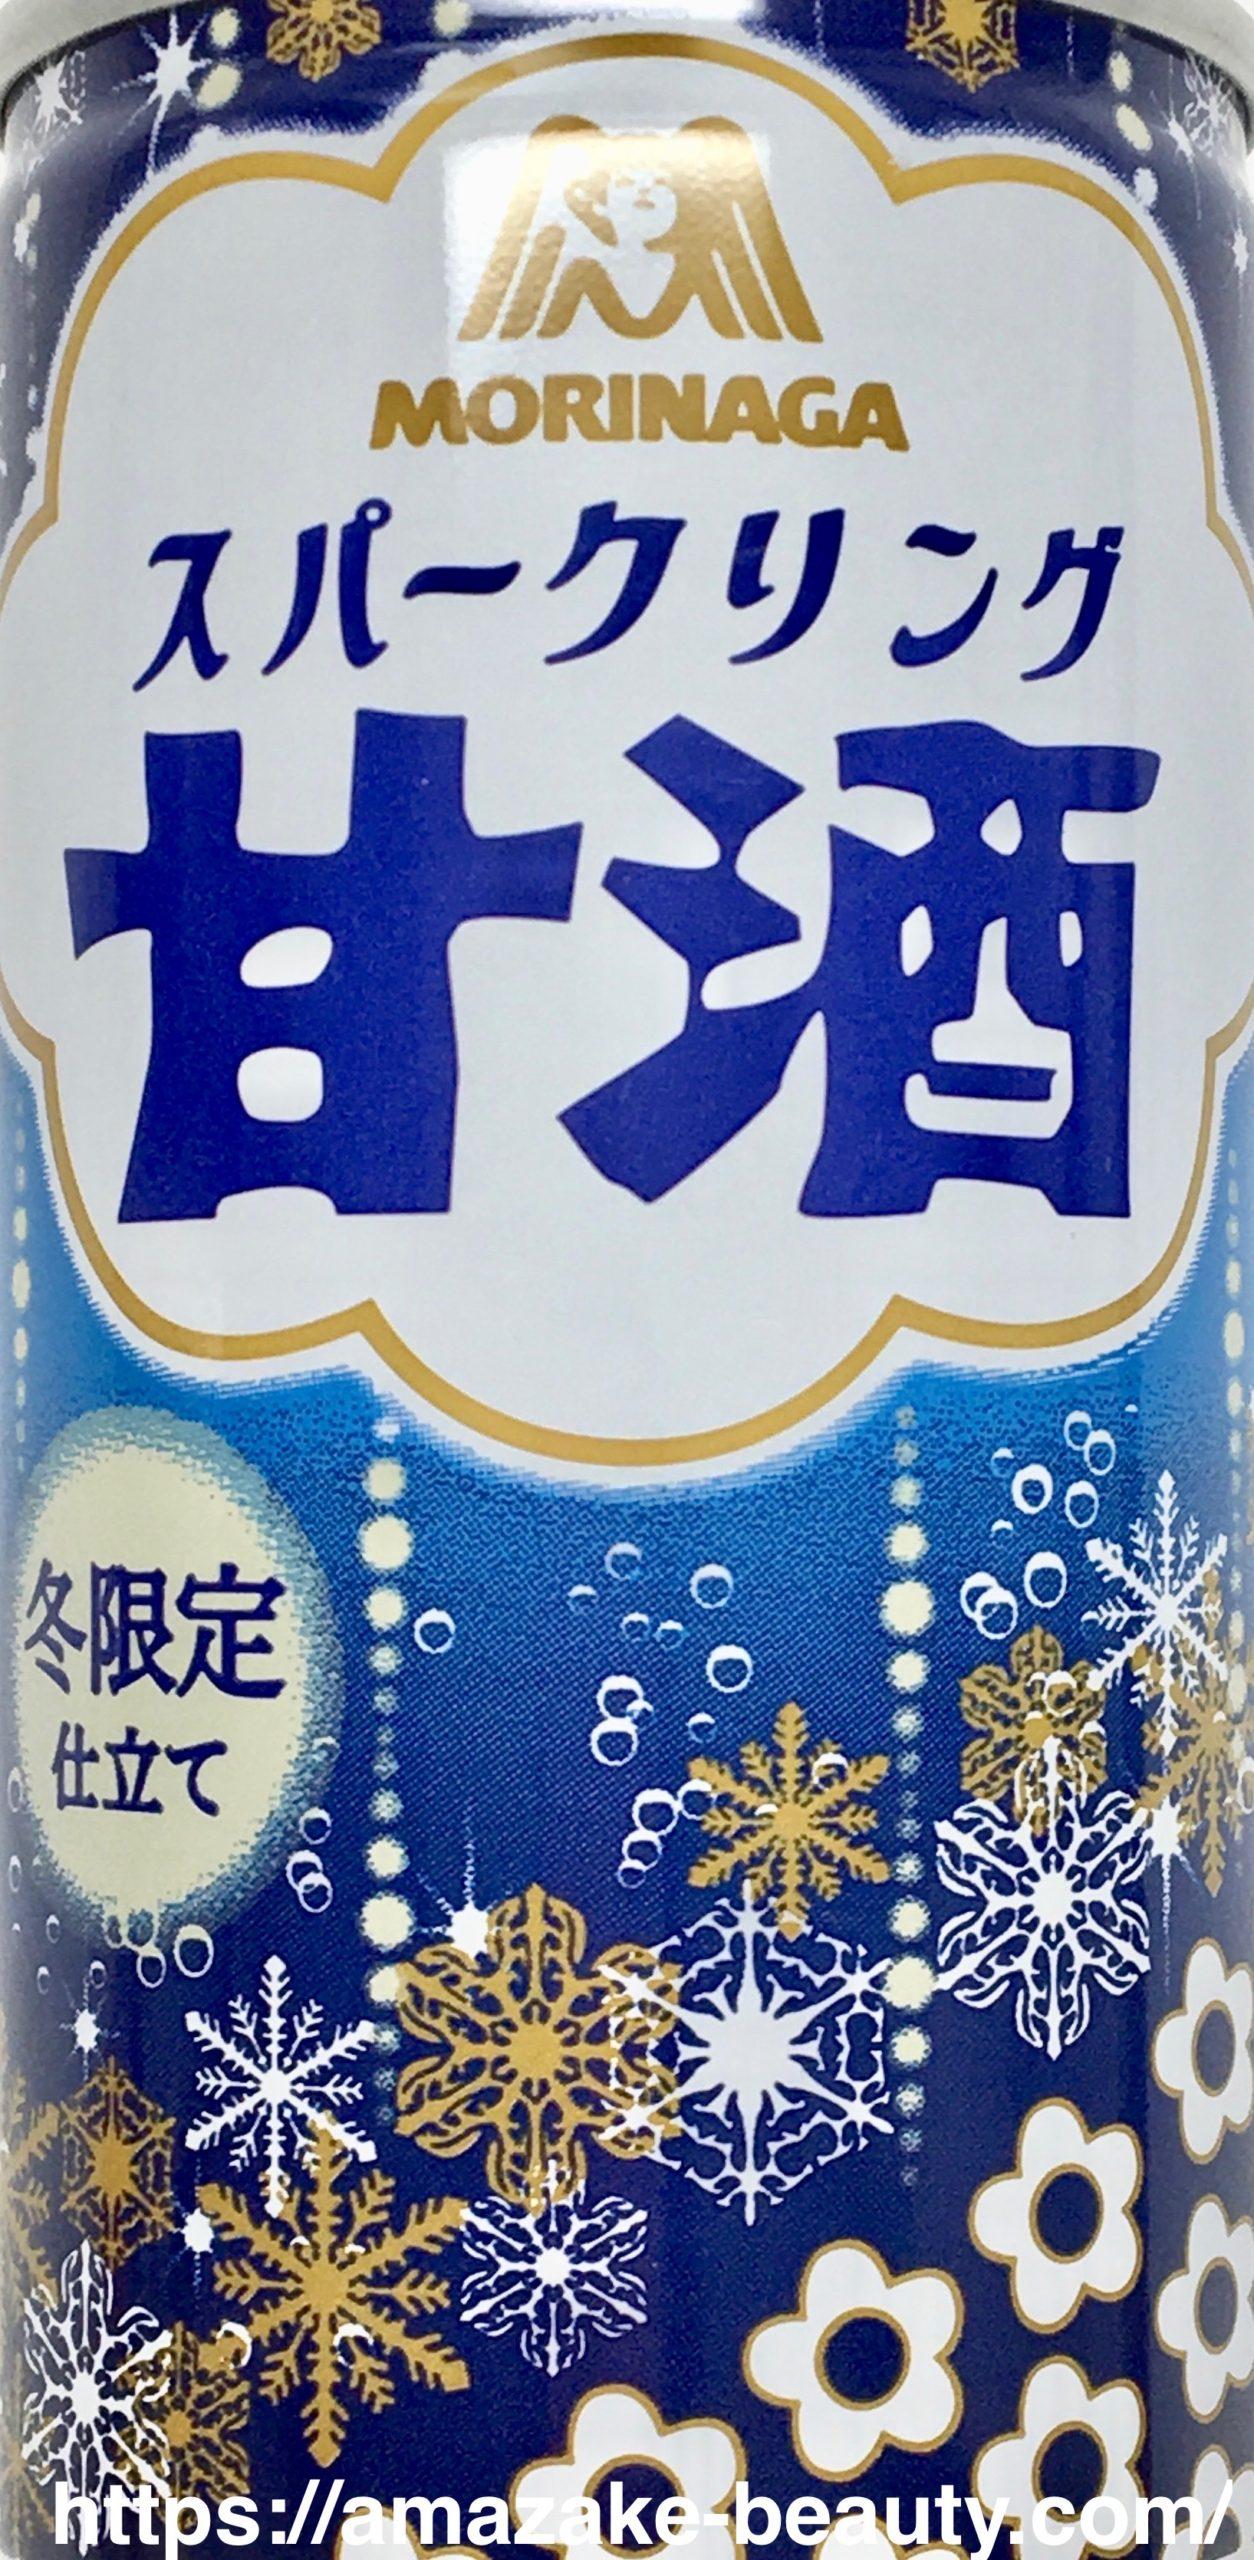 【甘酒】森永製菓『スパークリング甘酒』(パッケージデザイン)